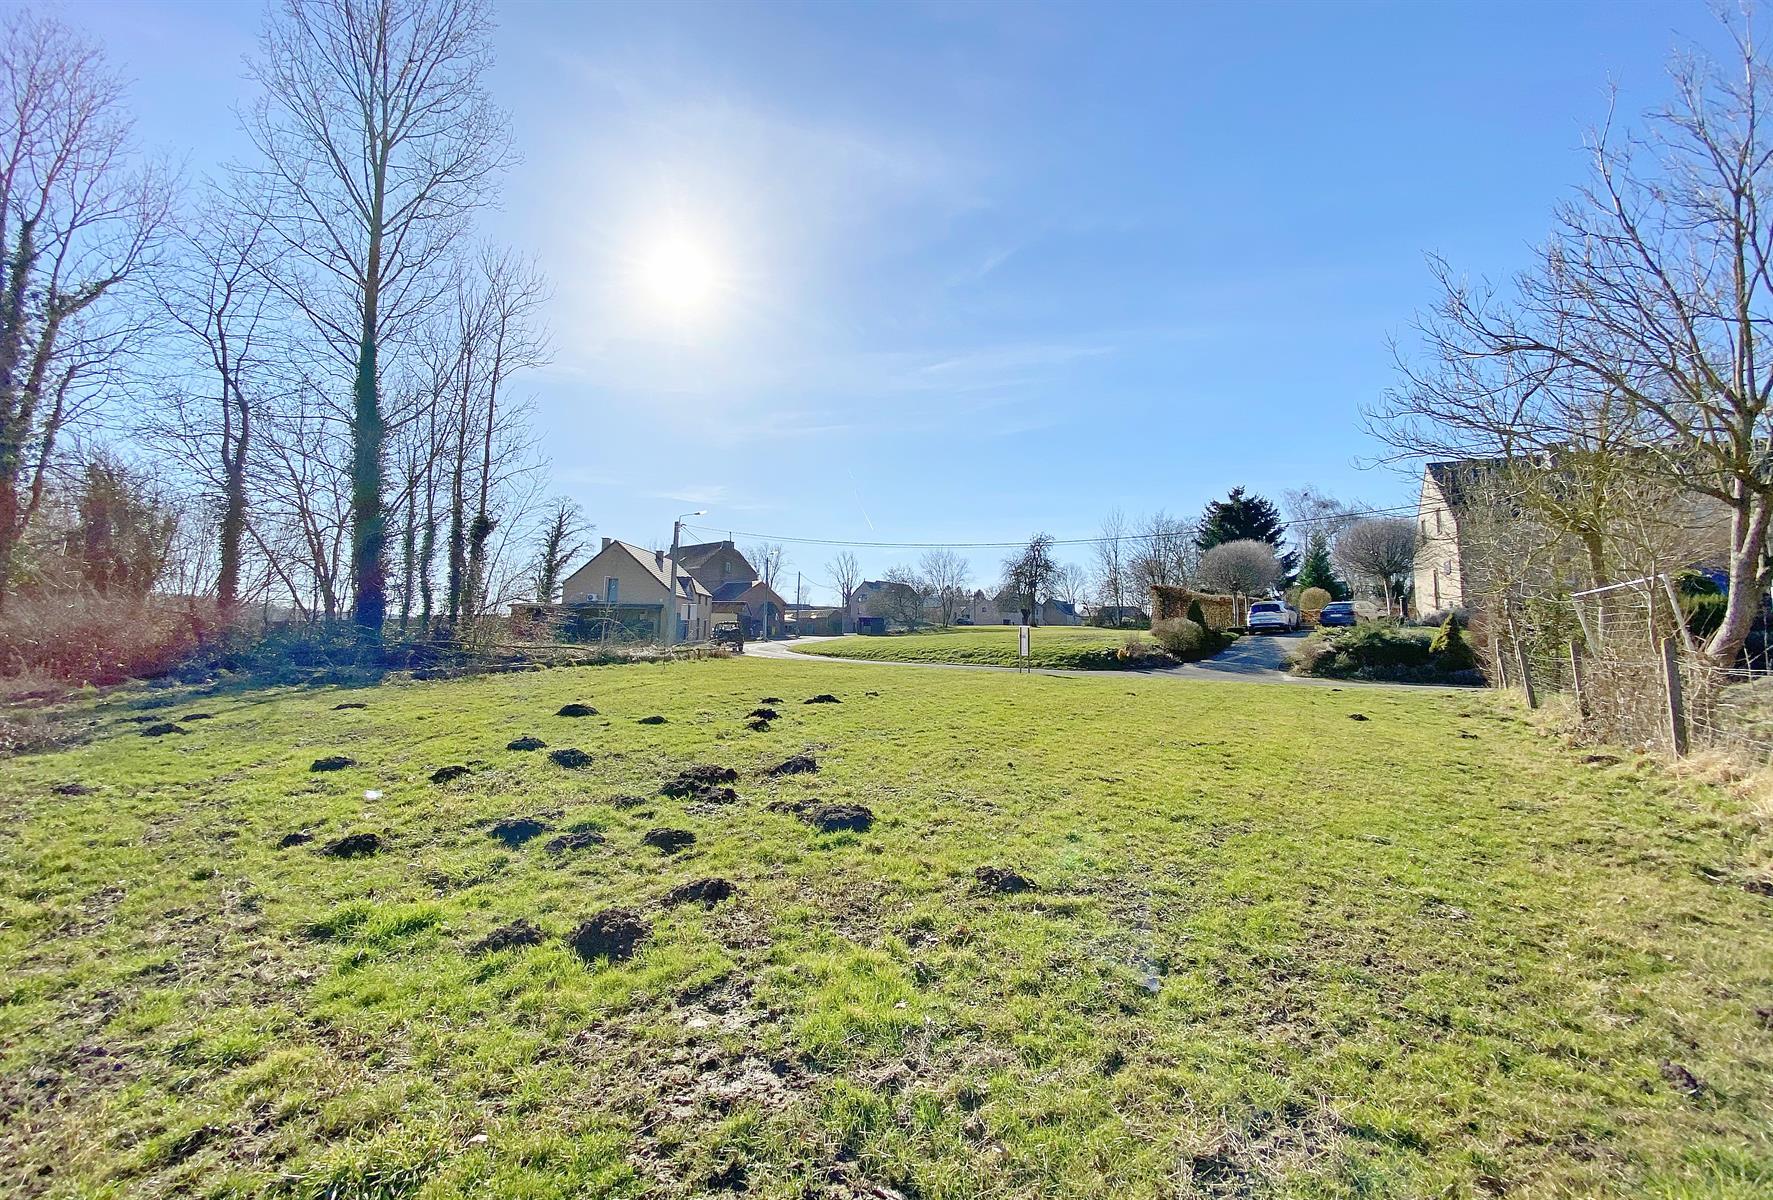 Terrain à bâtir (projets) - Noville-les-Bois - #4290891-2